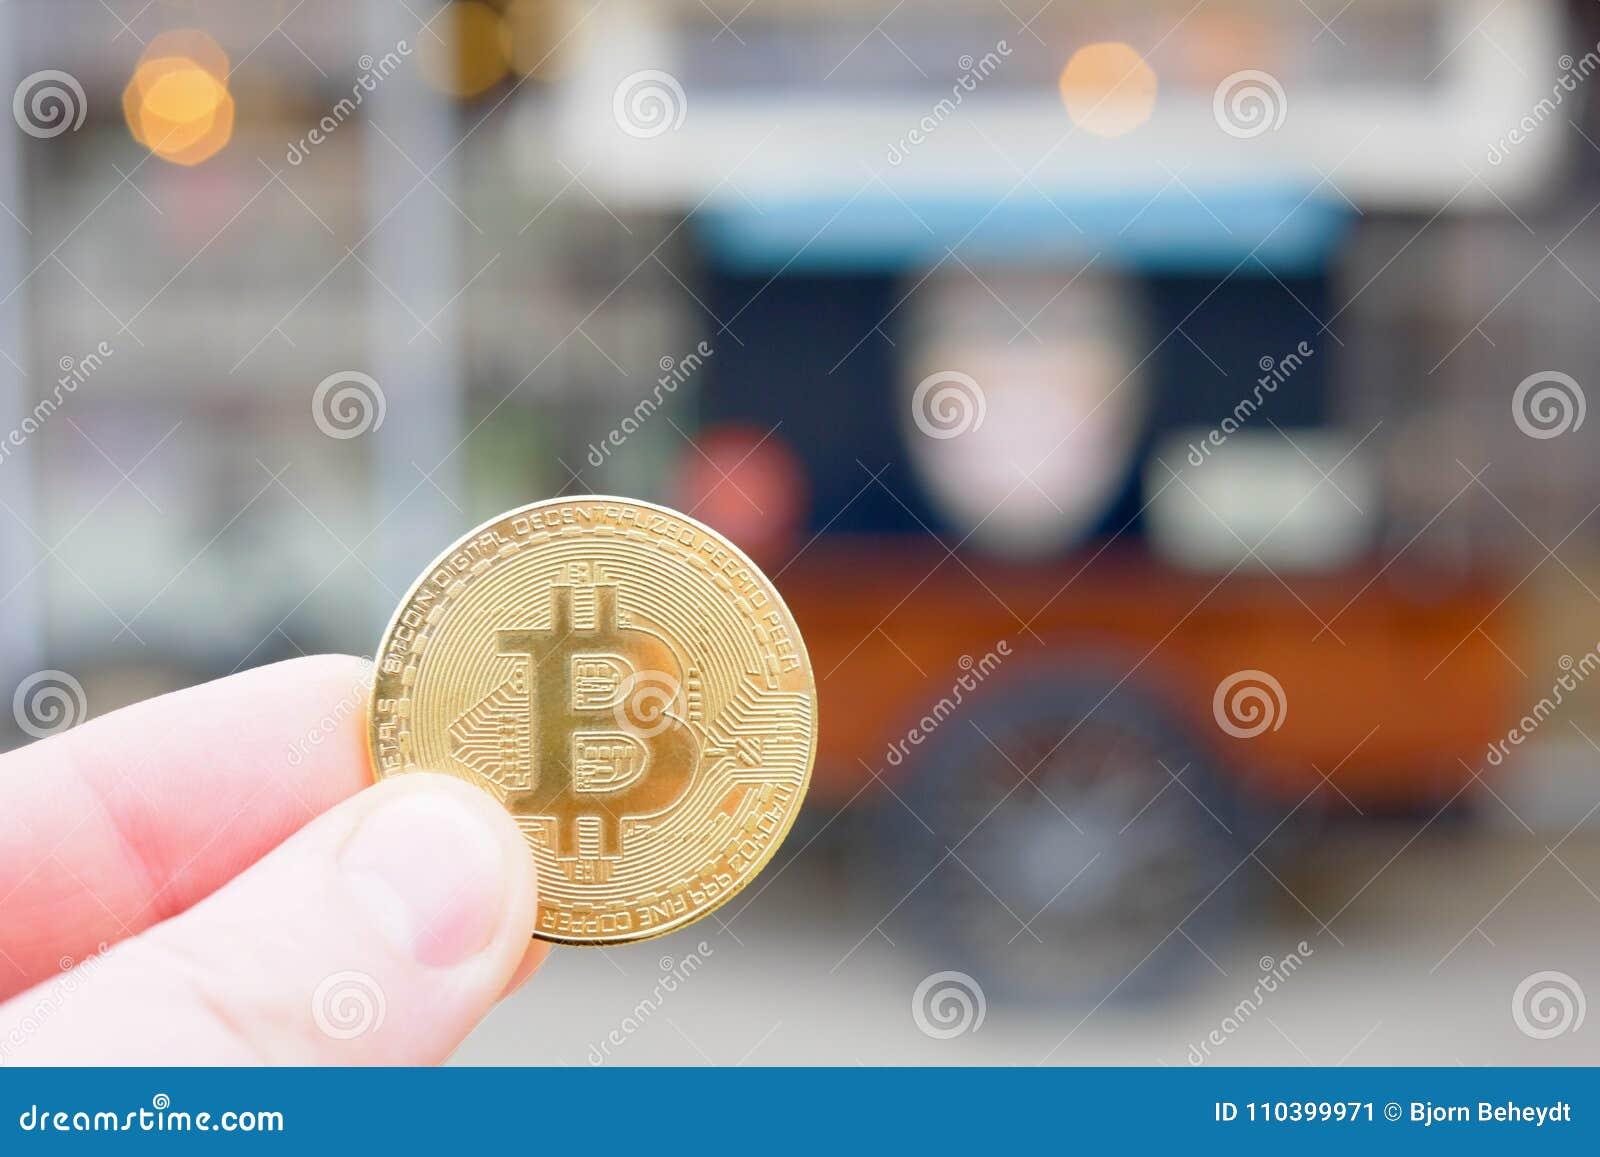 cream cryptocurrency stock